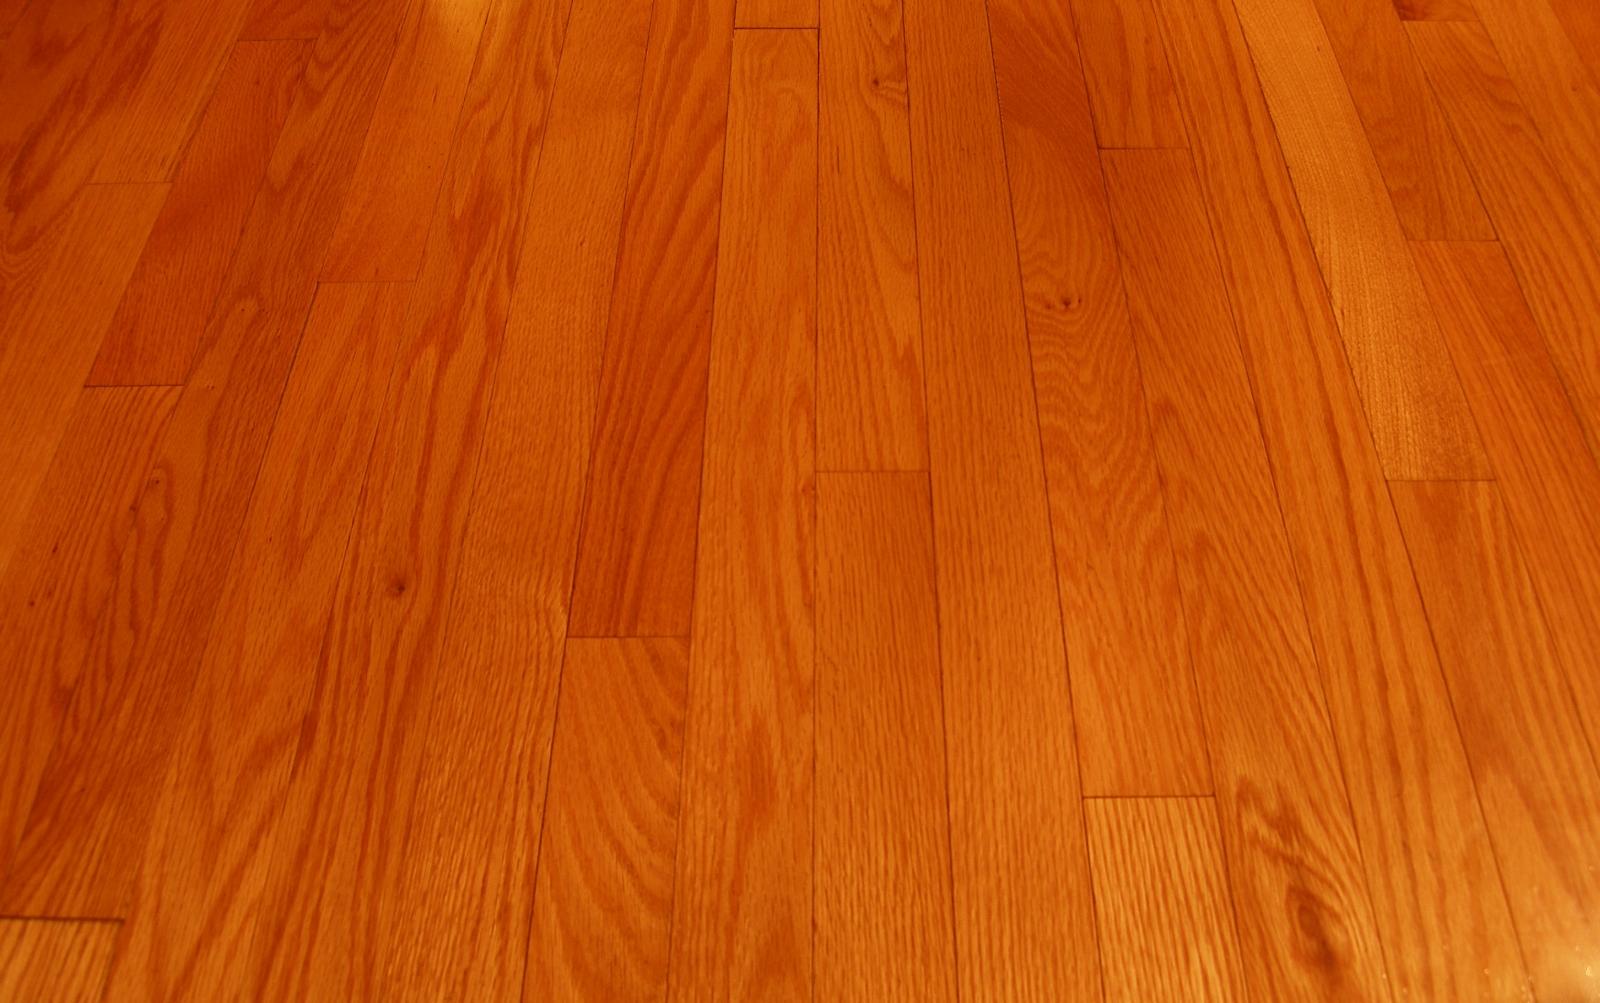 Unique Wood Floors: Choosing Between Solid Vs Engineered ...